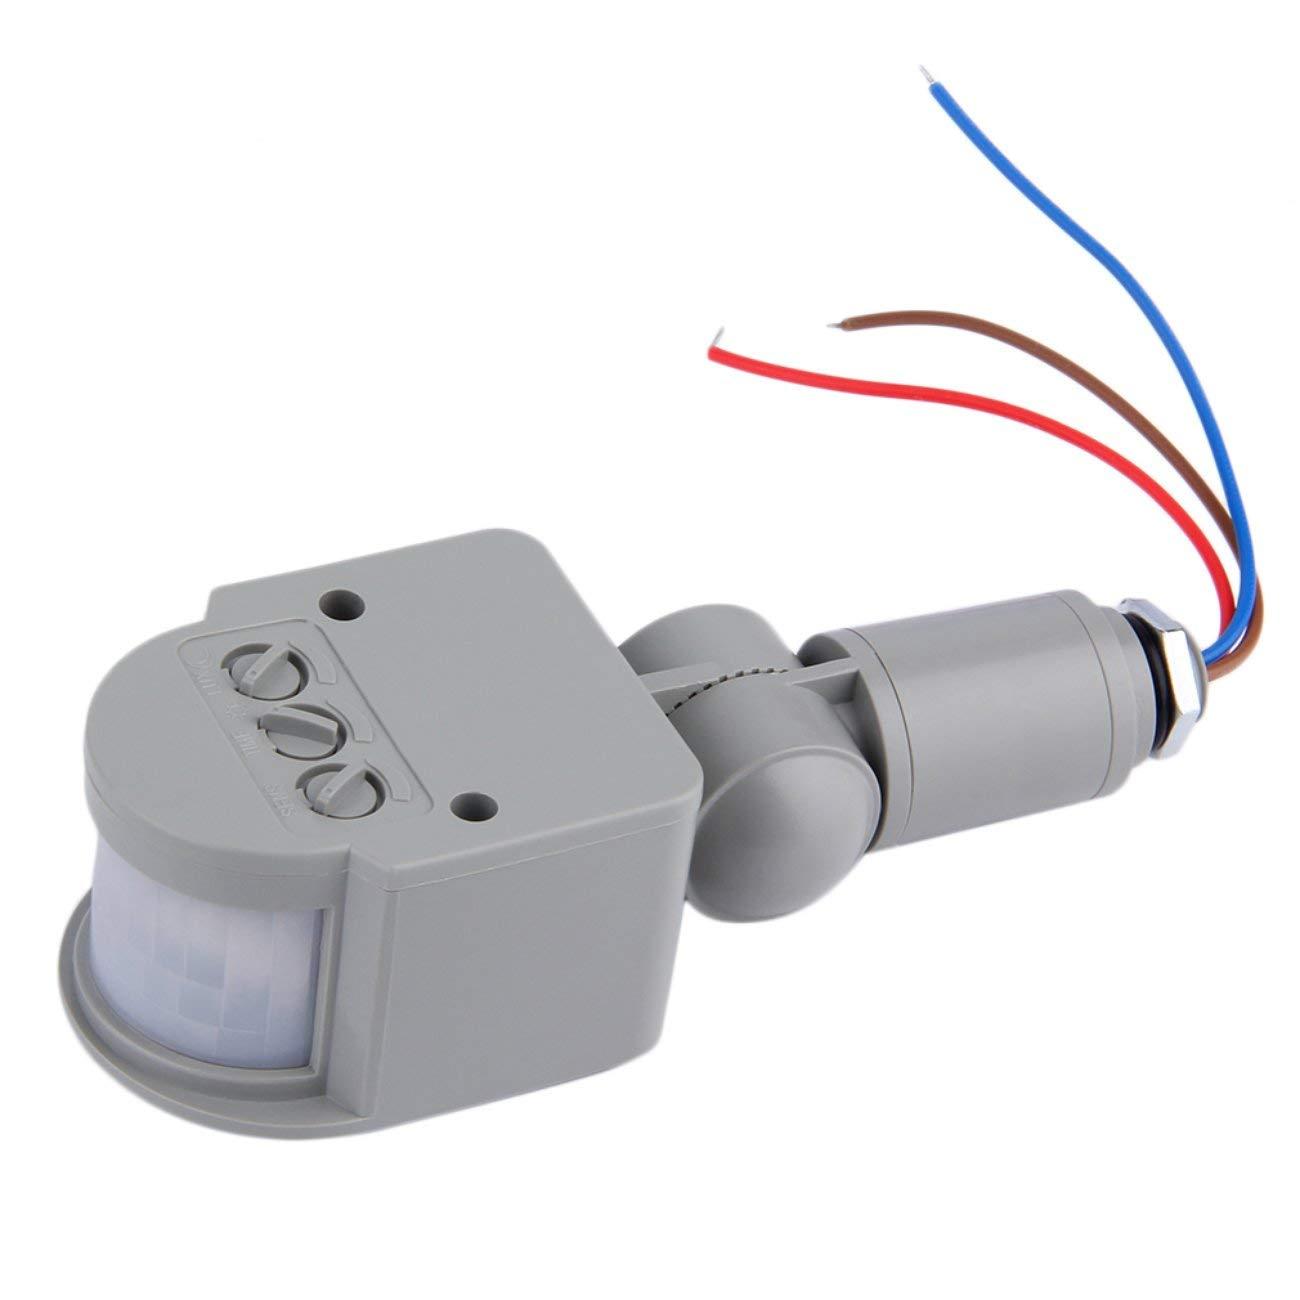 Interruptor infrarrojo automático al Aire Libre del Sensor de Movimiento de la CA 220V PIR para la luz del LED: Amazon.es: Electrónica